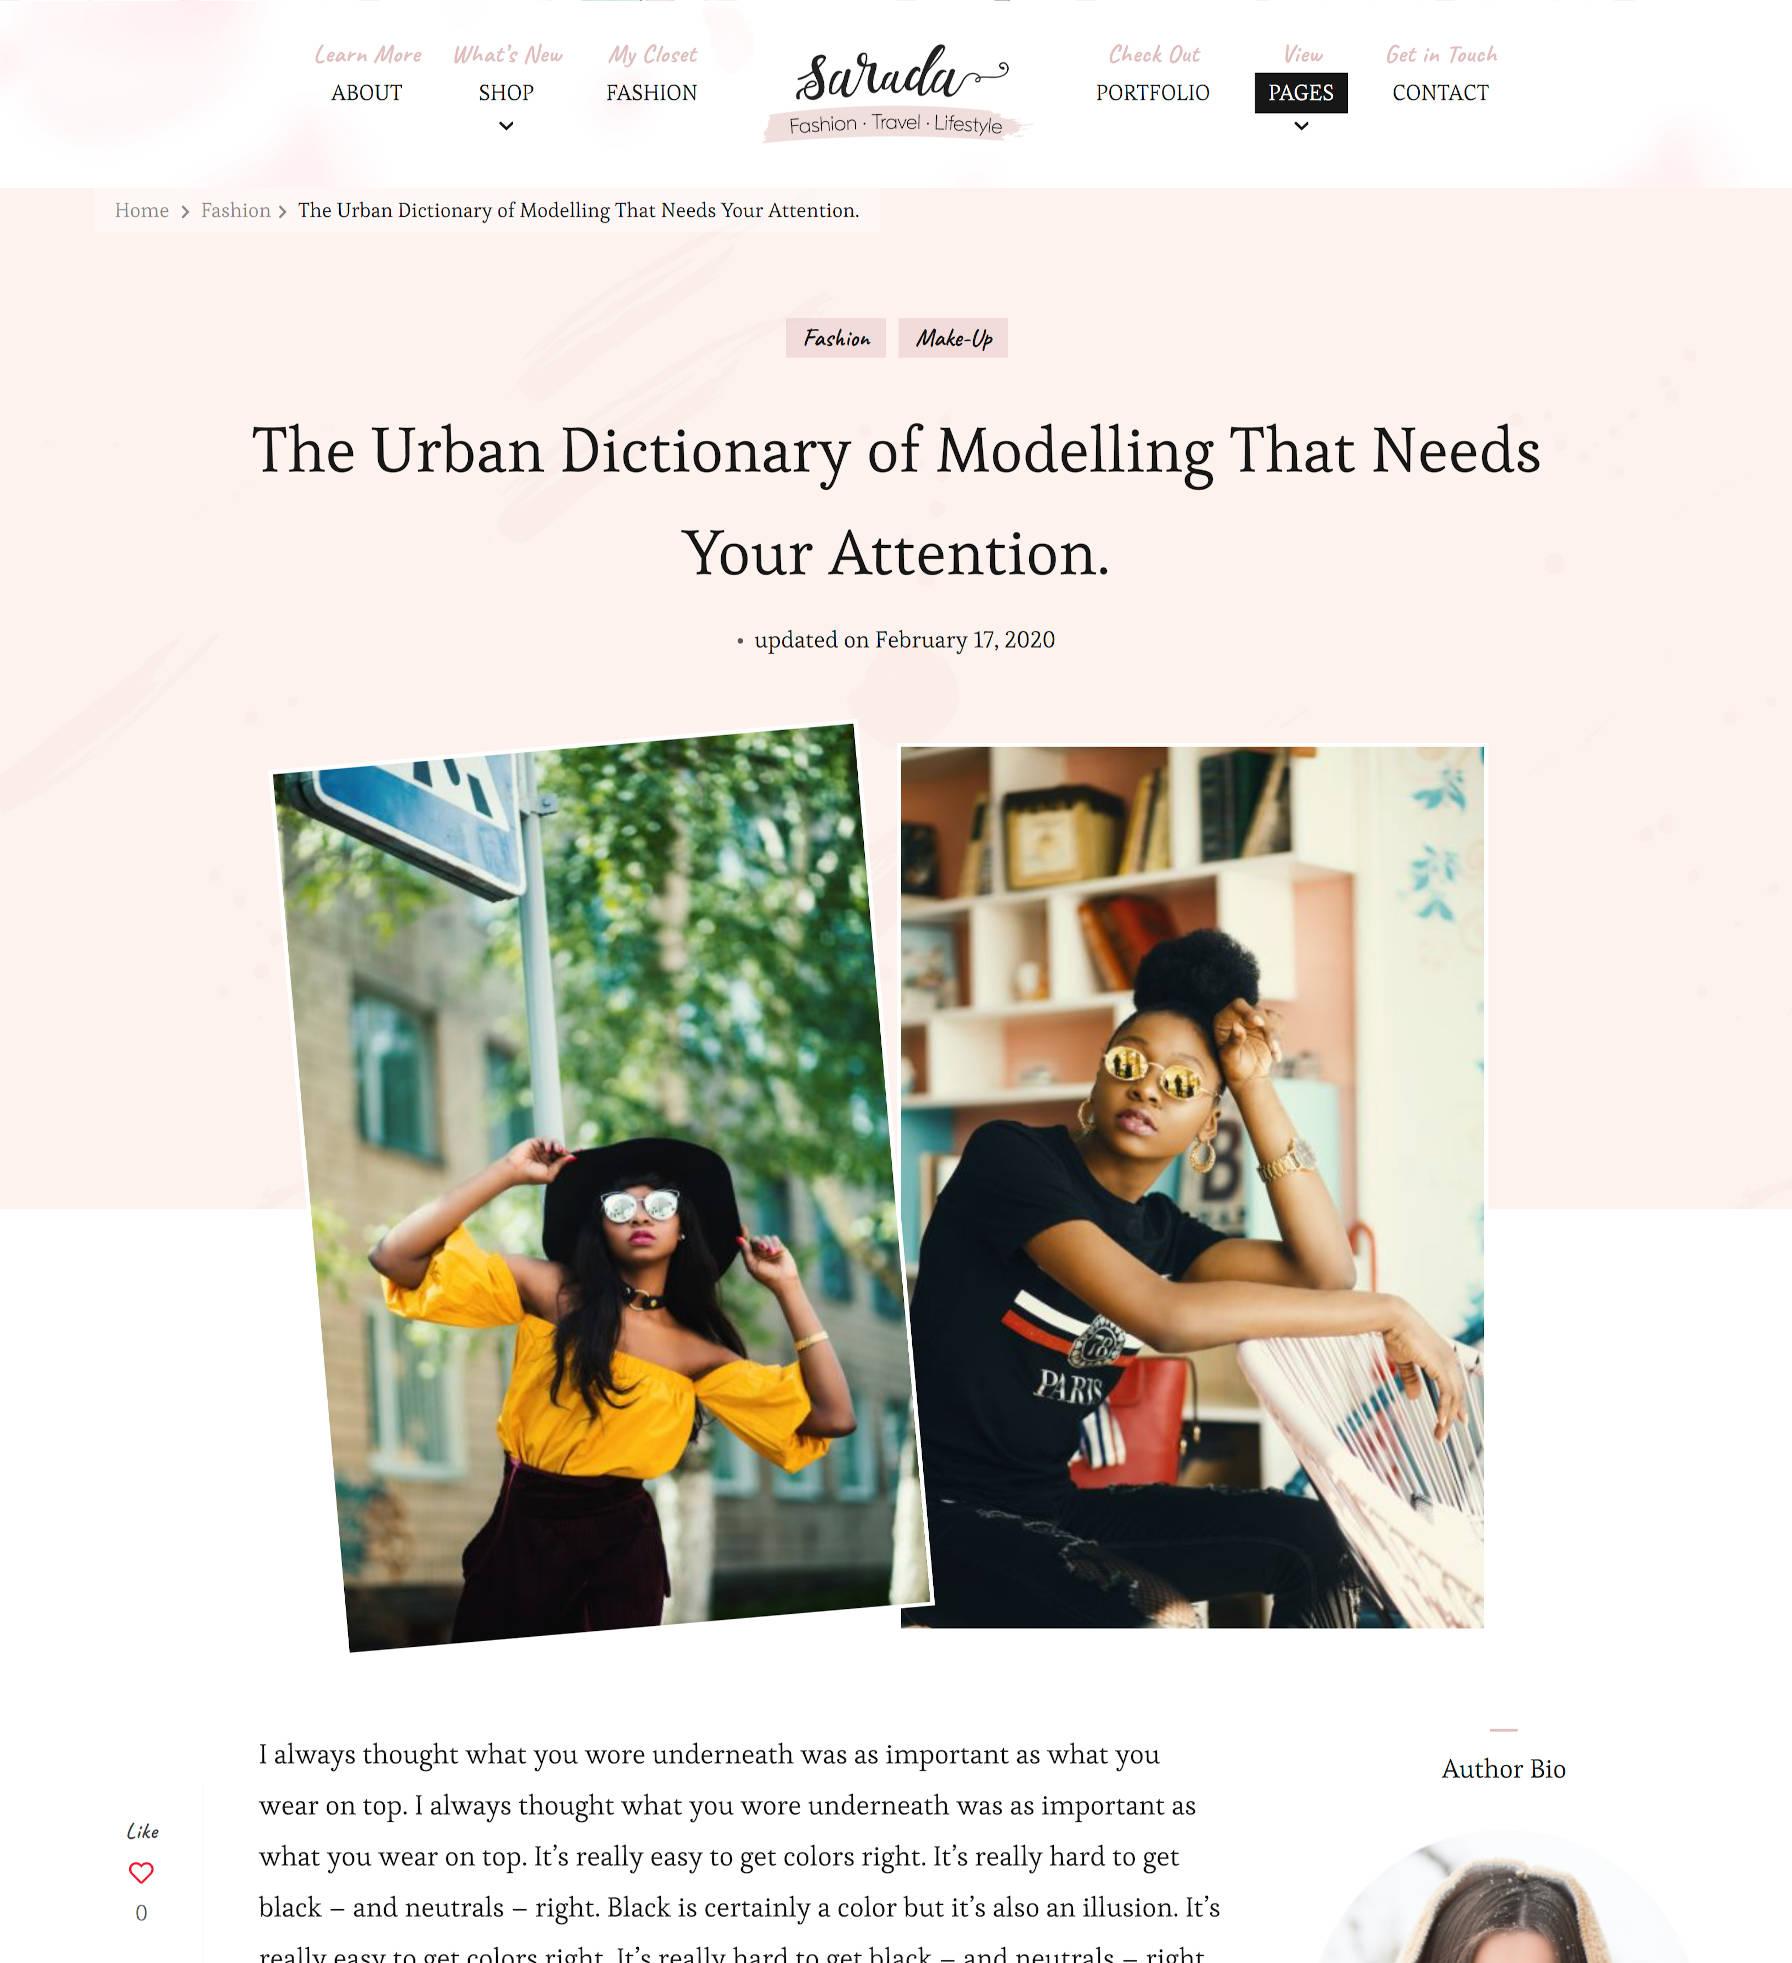 醒目的印刷术和个性开花主题-推出-sarada-lite-1引人注目的印刷术和个性:Blossom主题推出Sarada Lite